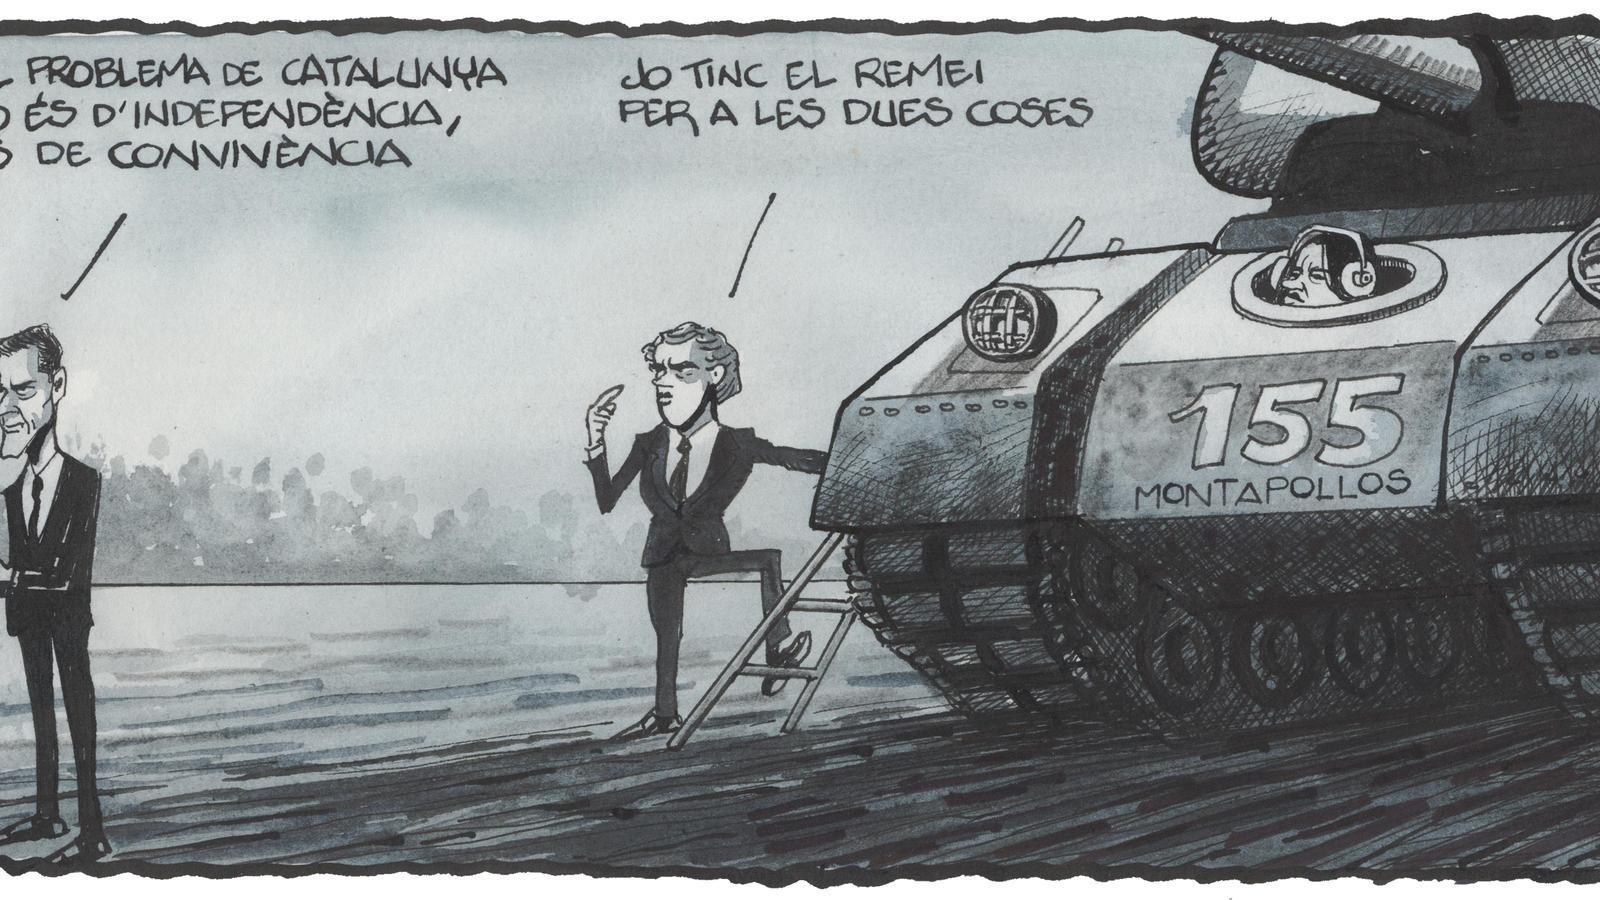 'A la contra', per Ferreres (15/09/2019)